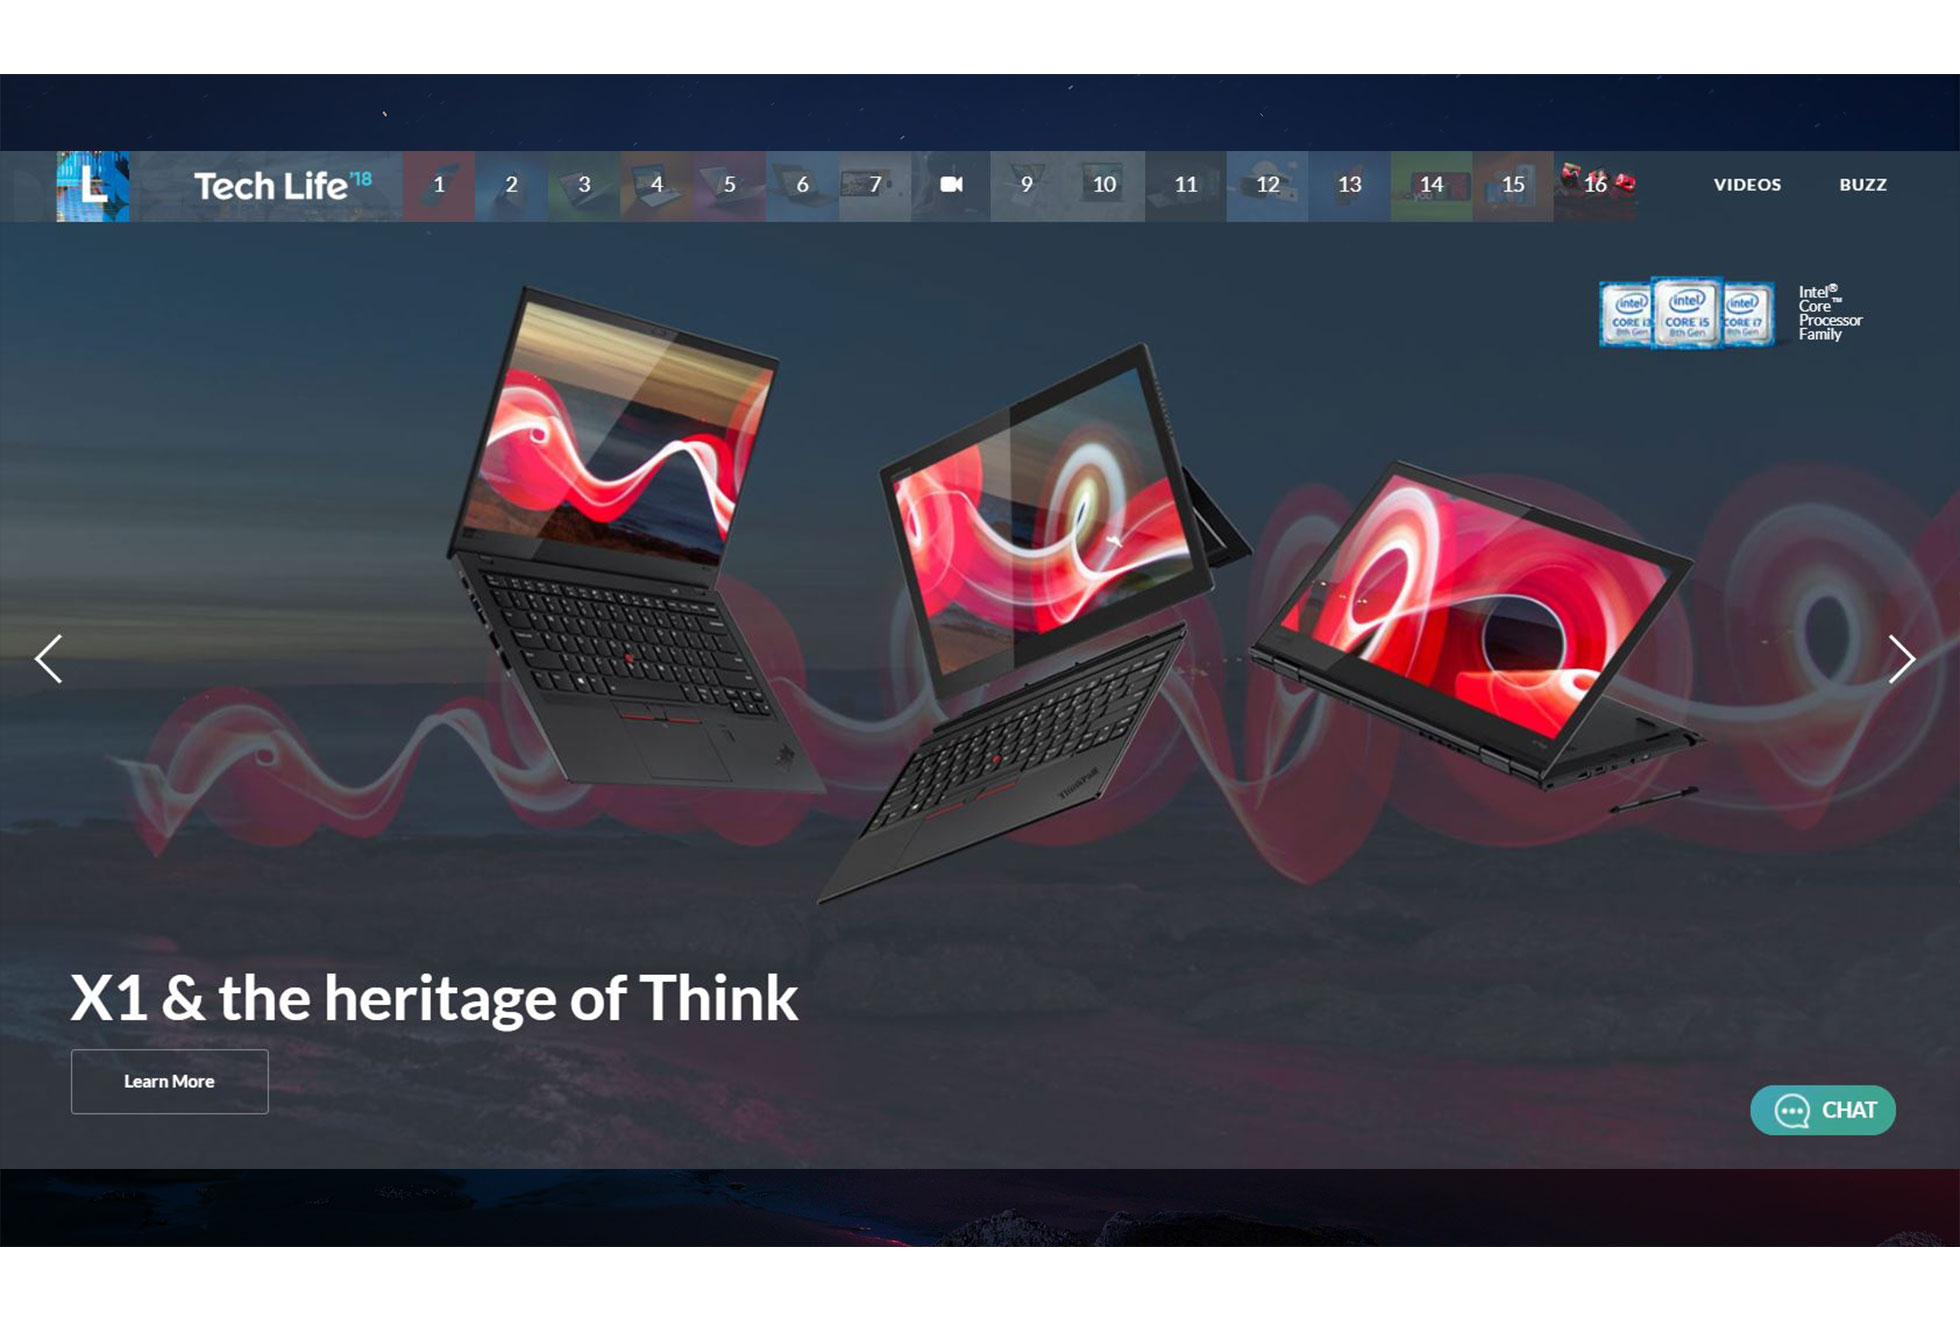 Lenovo-Light-Painting-Backgrounds-by-Sola-Lightbombing-Lenovo-X1